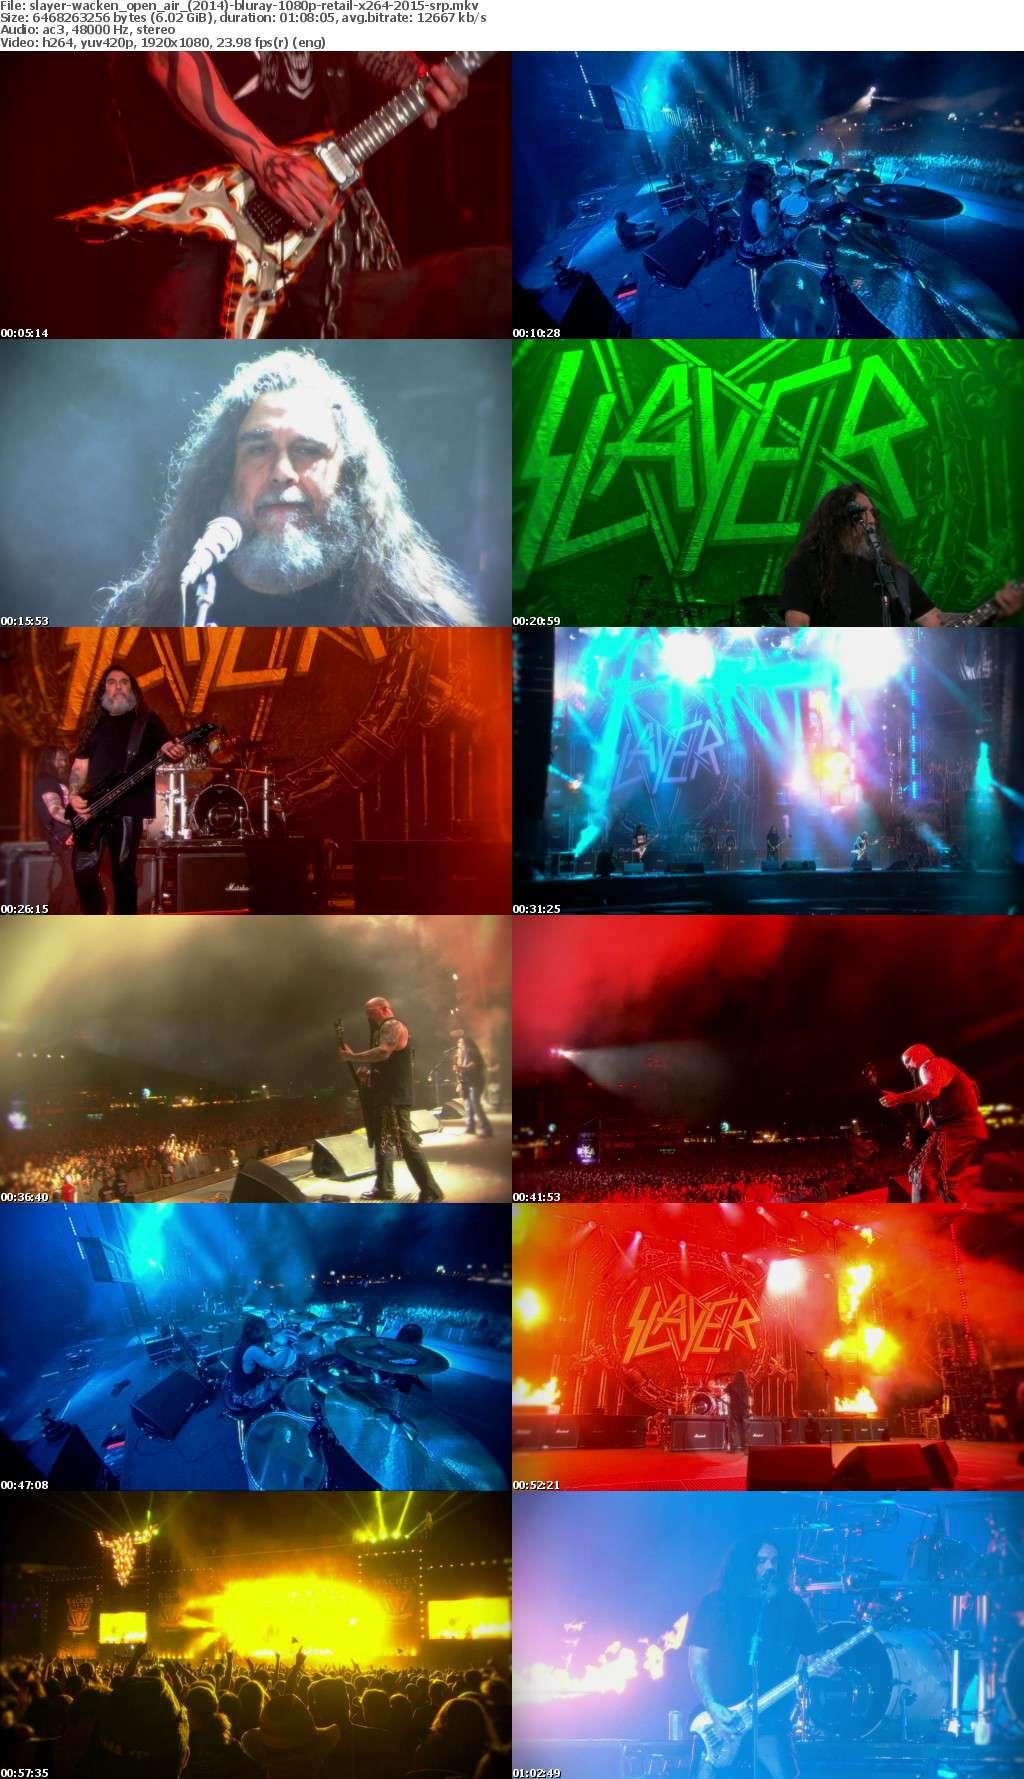 Slayer-Wacken Open Air (2014)-Bluray-1080p-Retail-x264-2015-SRP